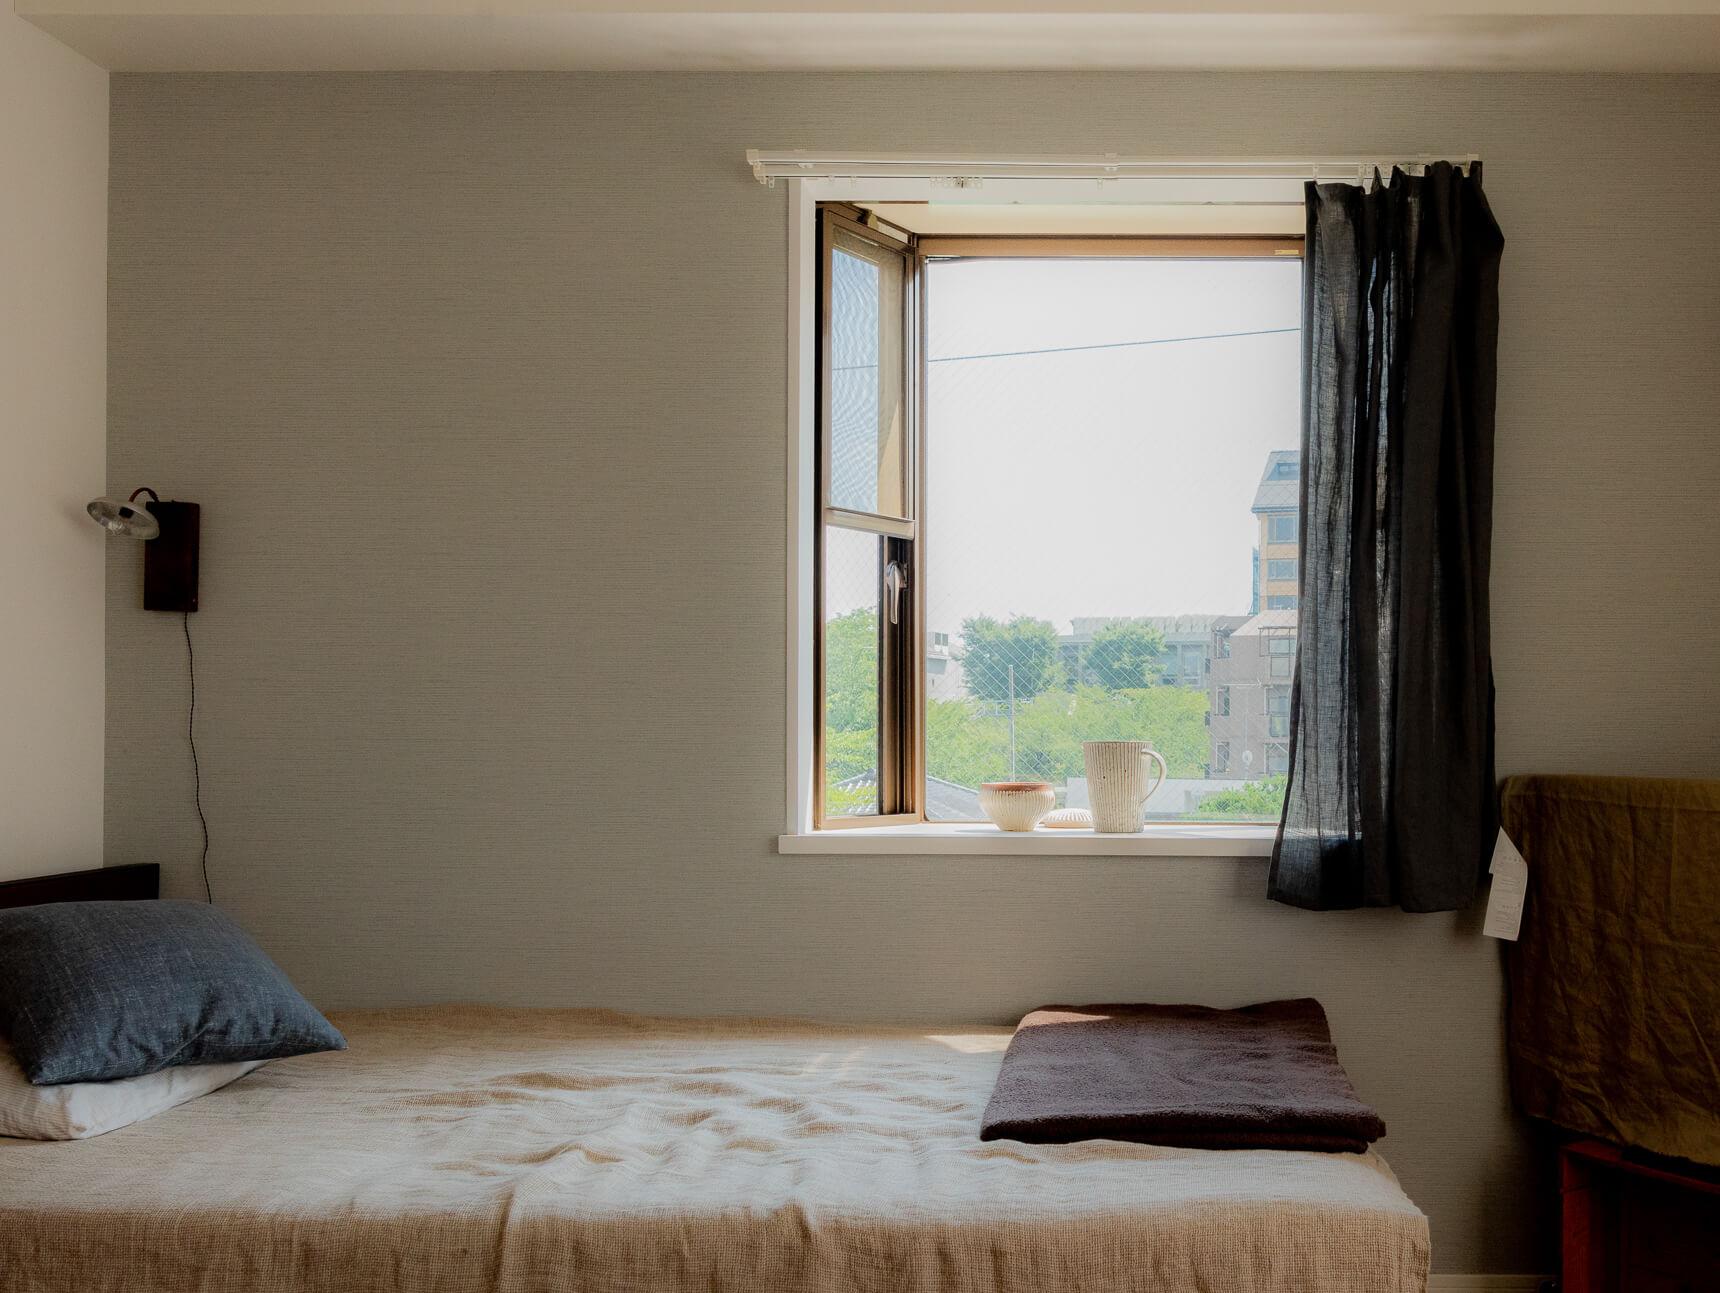 この部屋に住んで3年目。入居を決めたときはリノベ前で「ベッド横壁面のクロスは自分で選びました」とのこと。